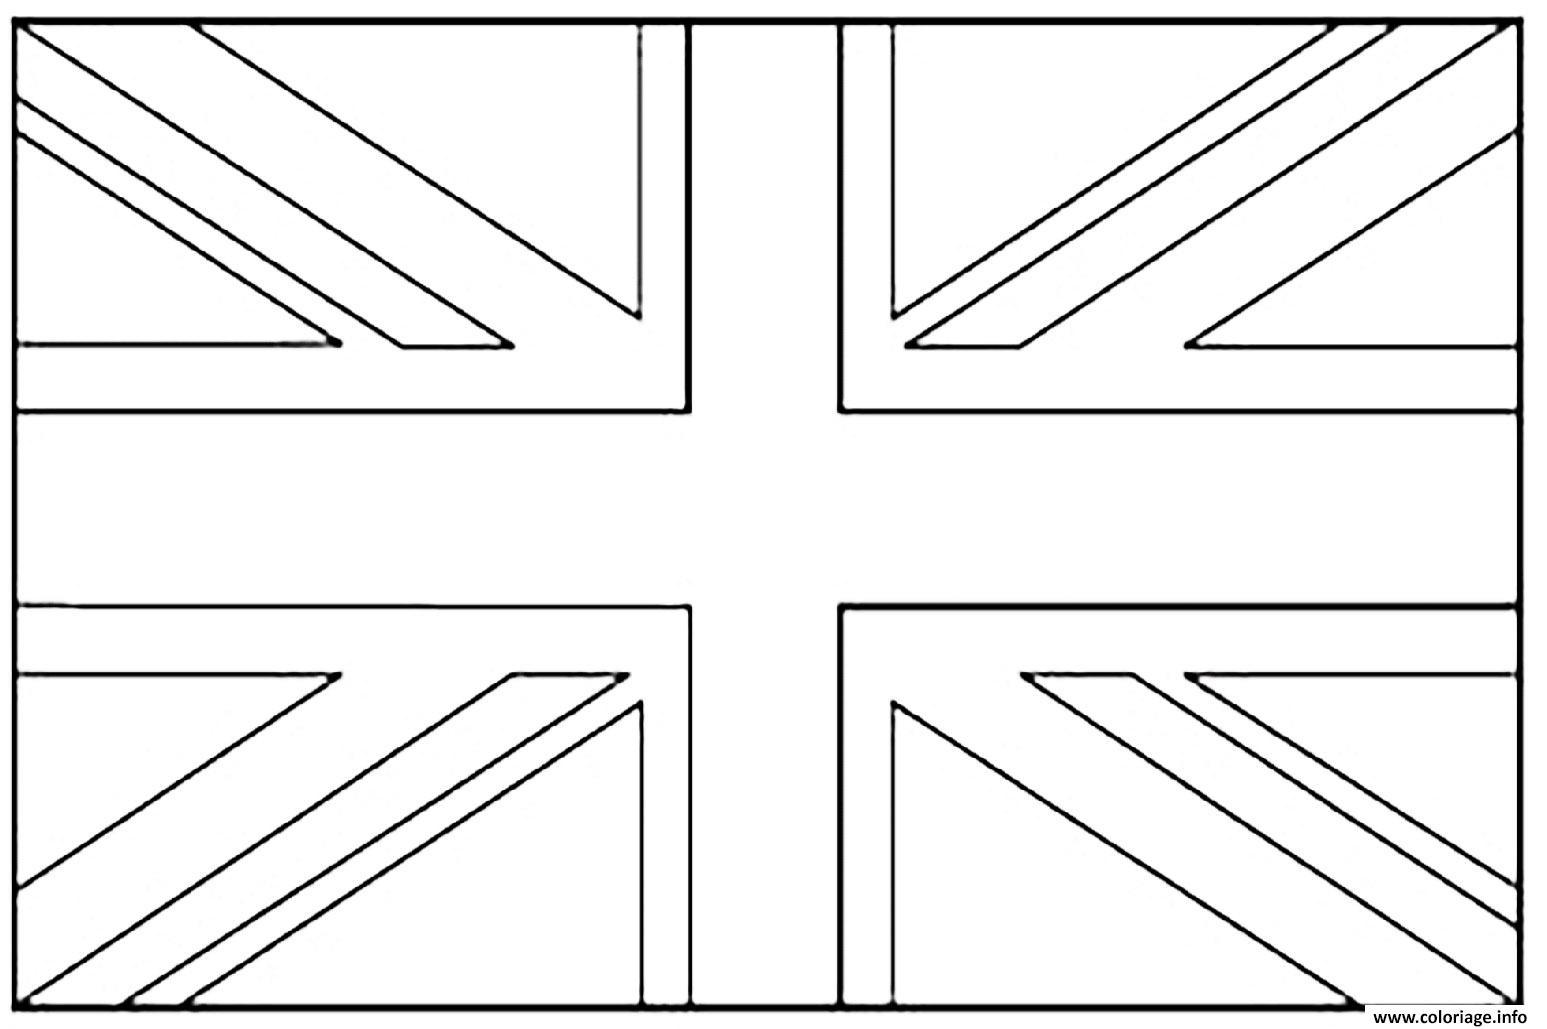 Coloriage drapeau angleterre dessin - Dessiner le drapeau anglais ...